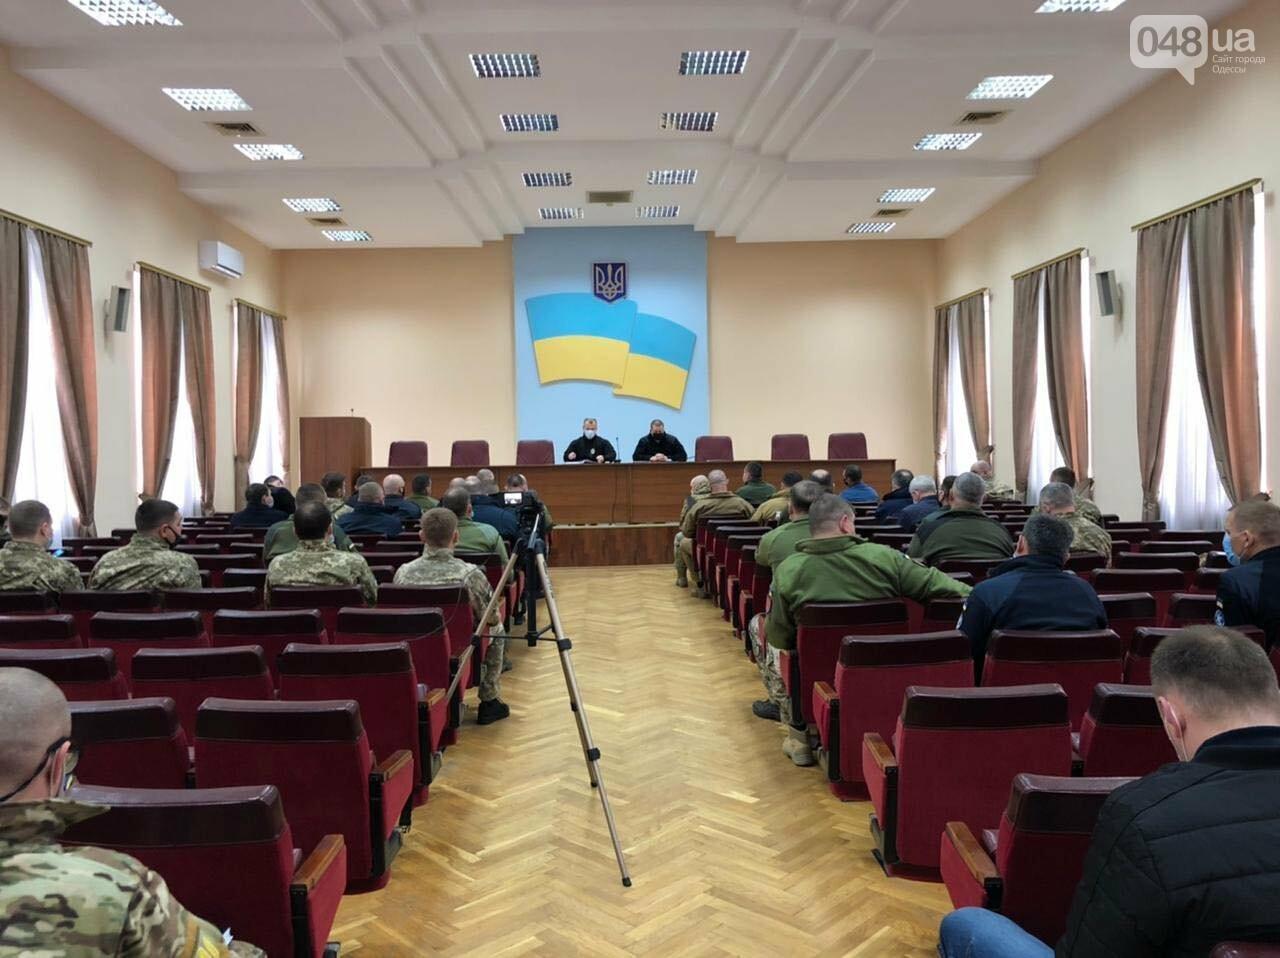 Будьте бдительны: Силовики Одесской области начали антитеррористические тренировки,- ФОТО, фото-1